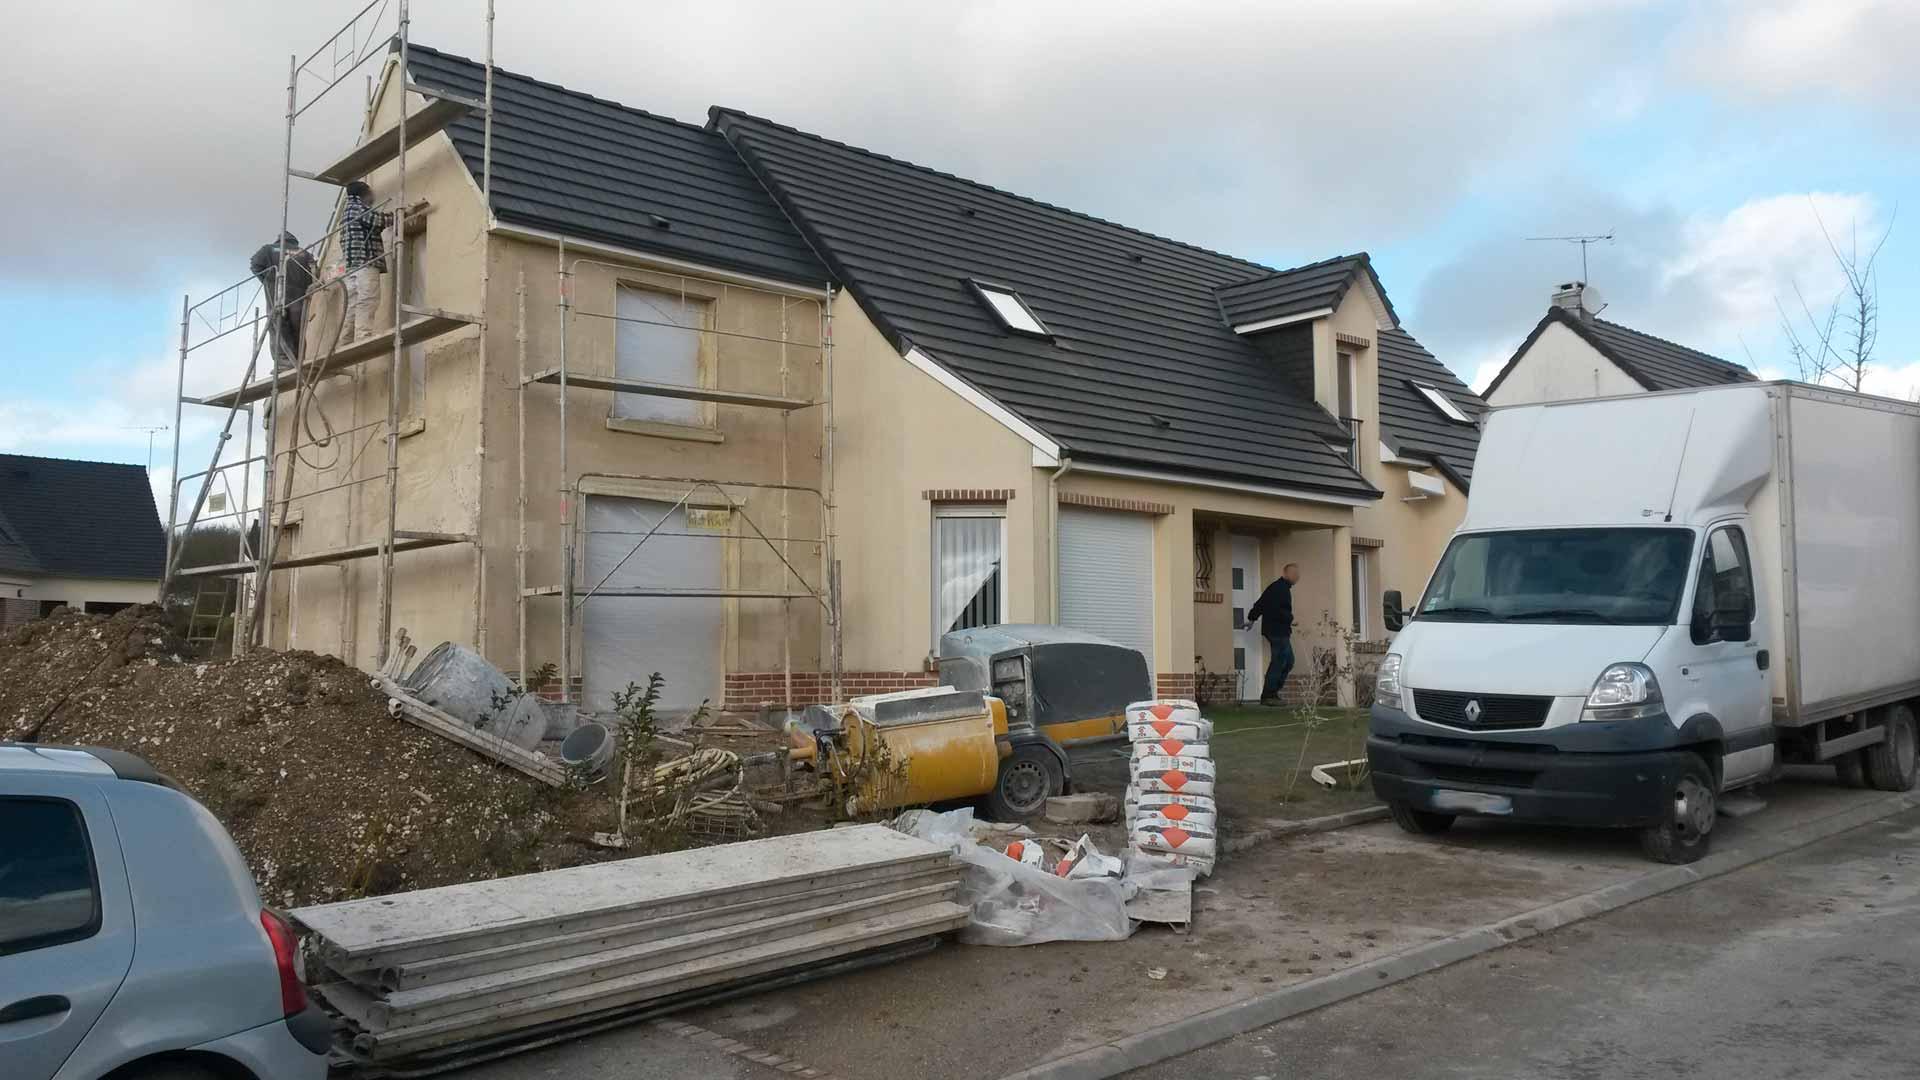 Réalisation finale de l'extension de la maison en Picardie